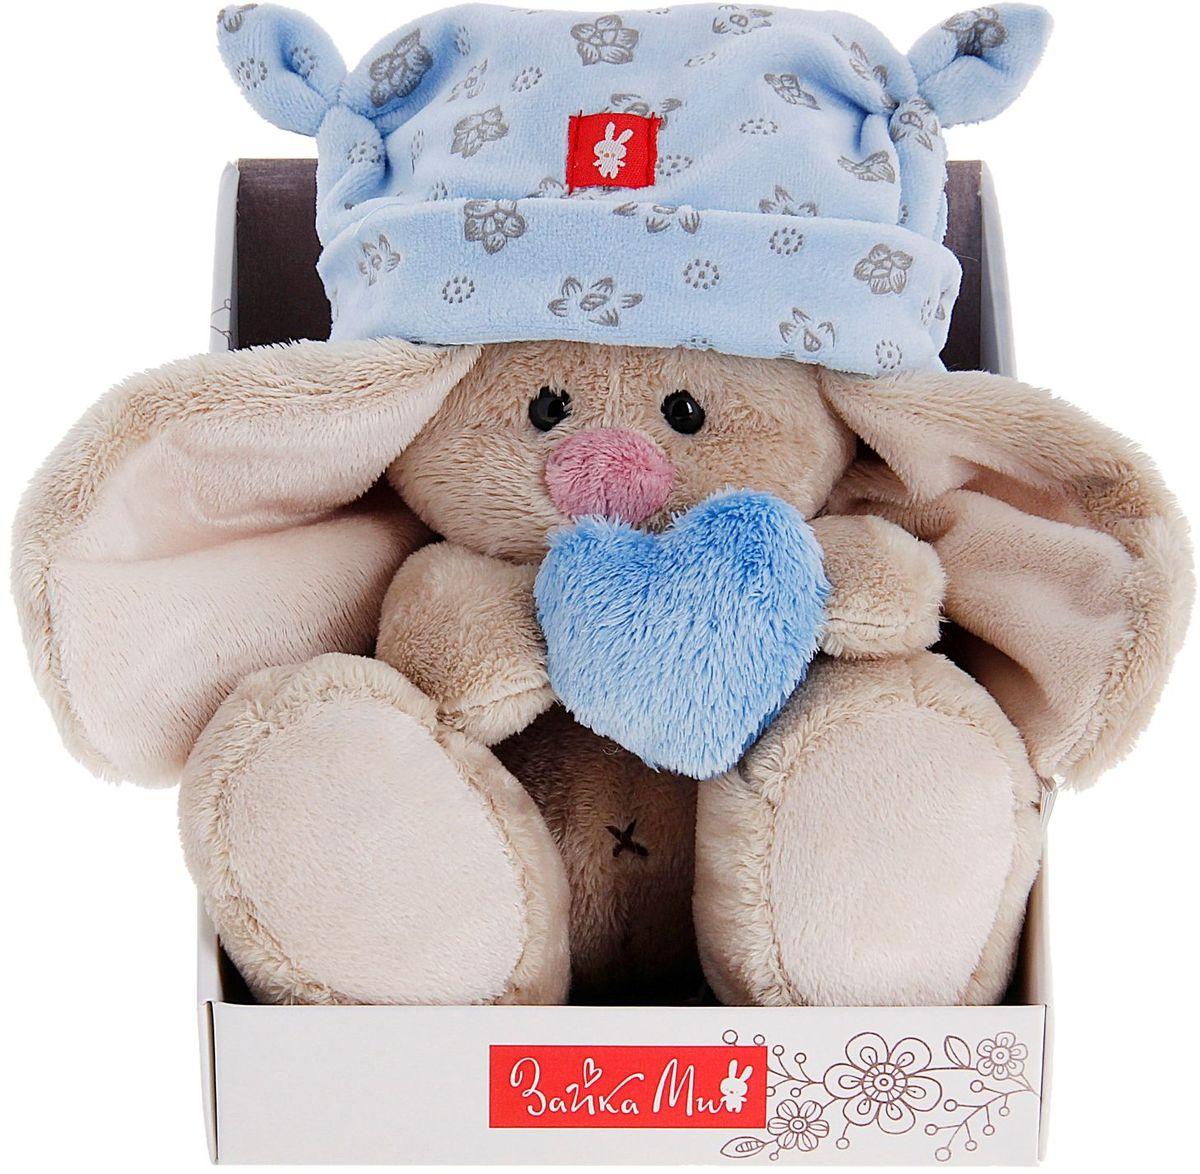 Купить Зайка Ми Мягкая игрушка Зайка Ми в шапке с сердечком цвет голубой 15 см 871962, Сима-ленд, Мягкие игрушки